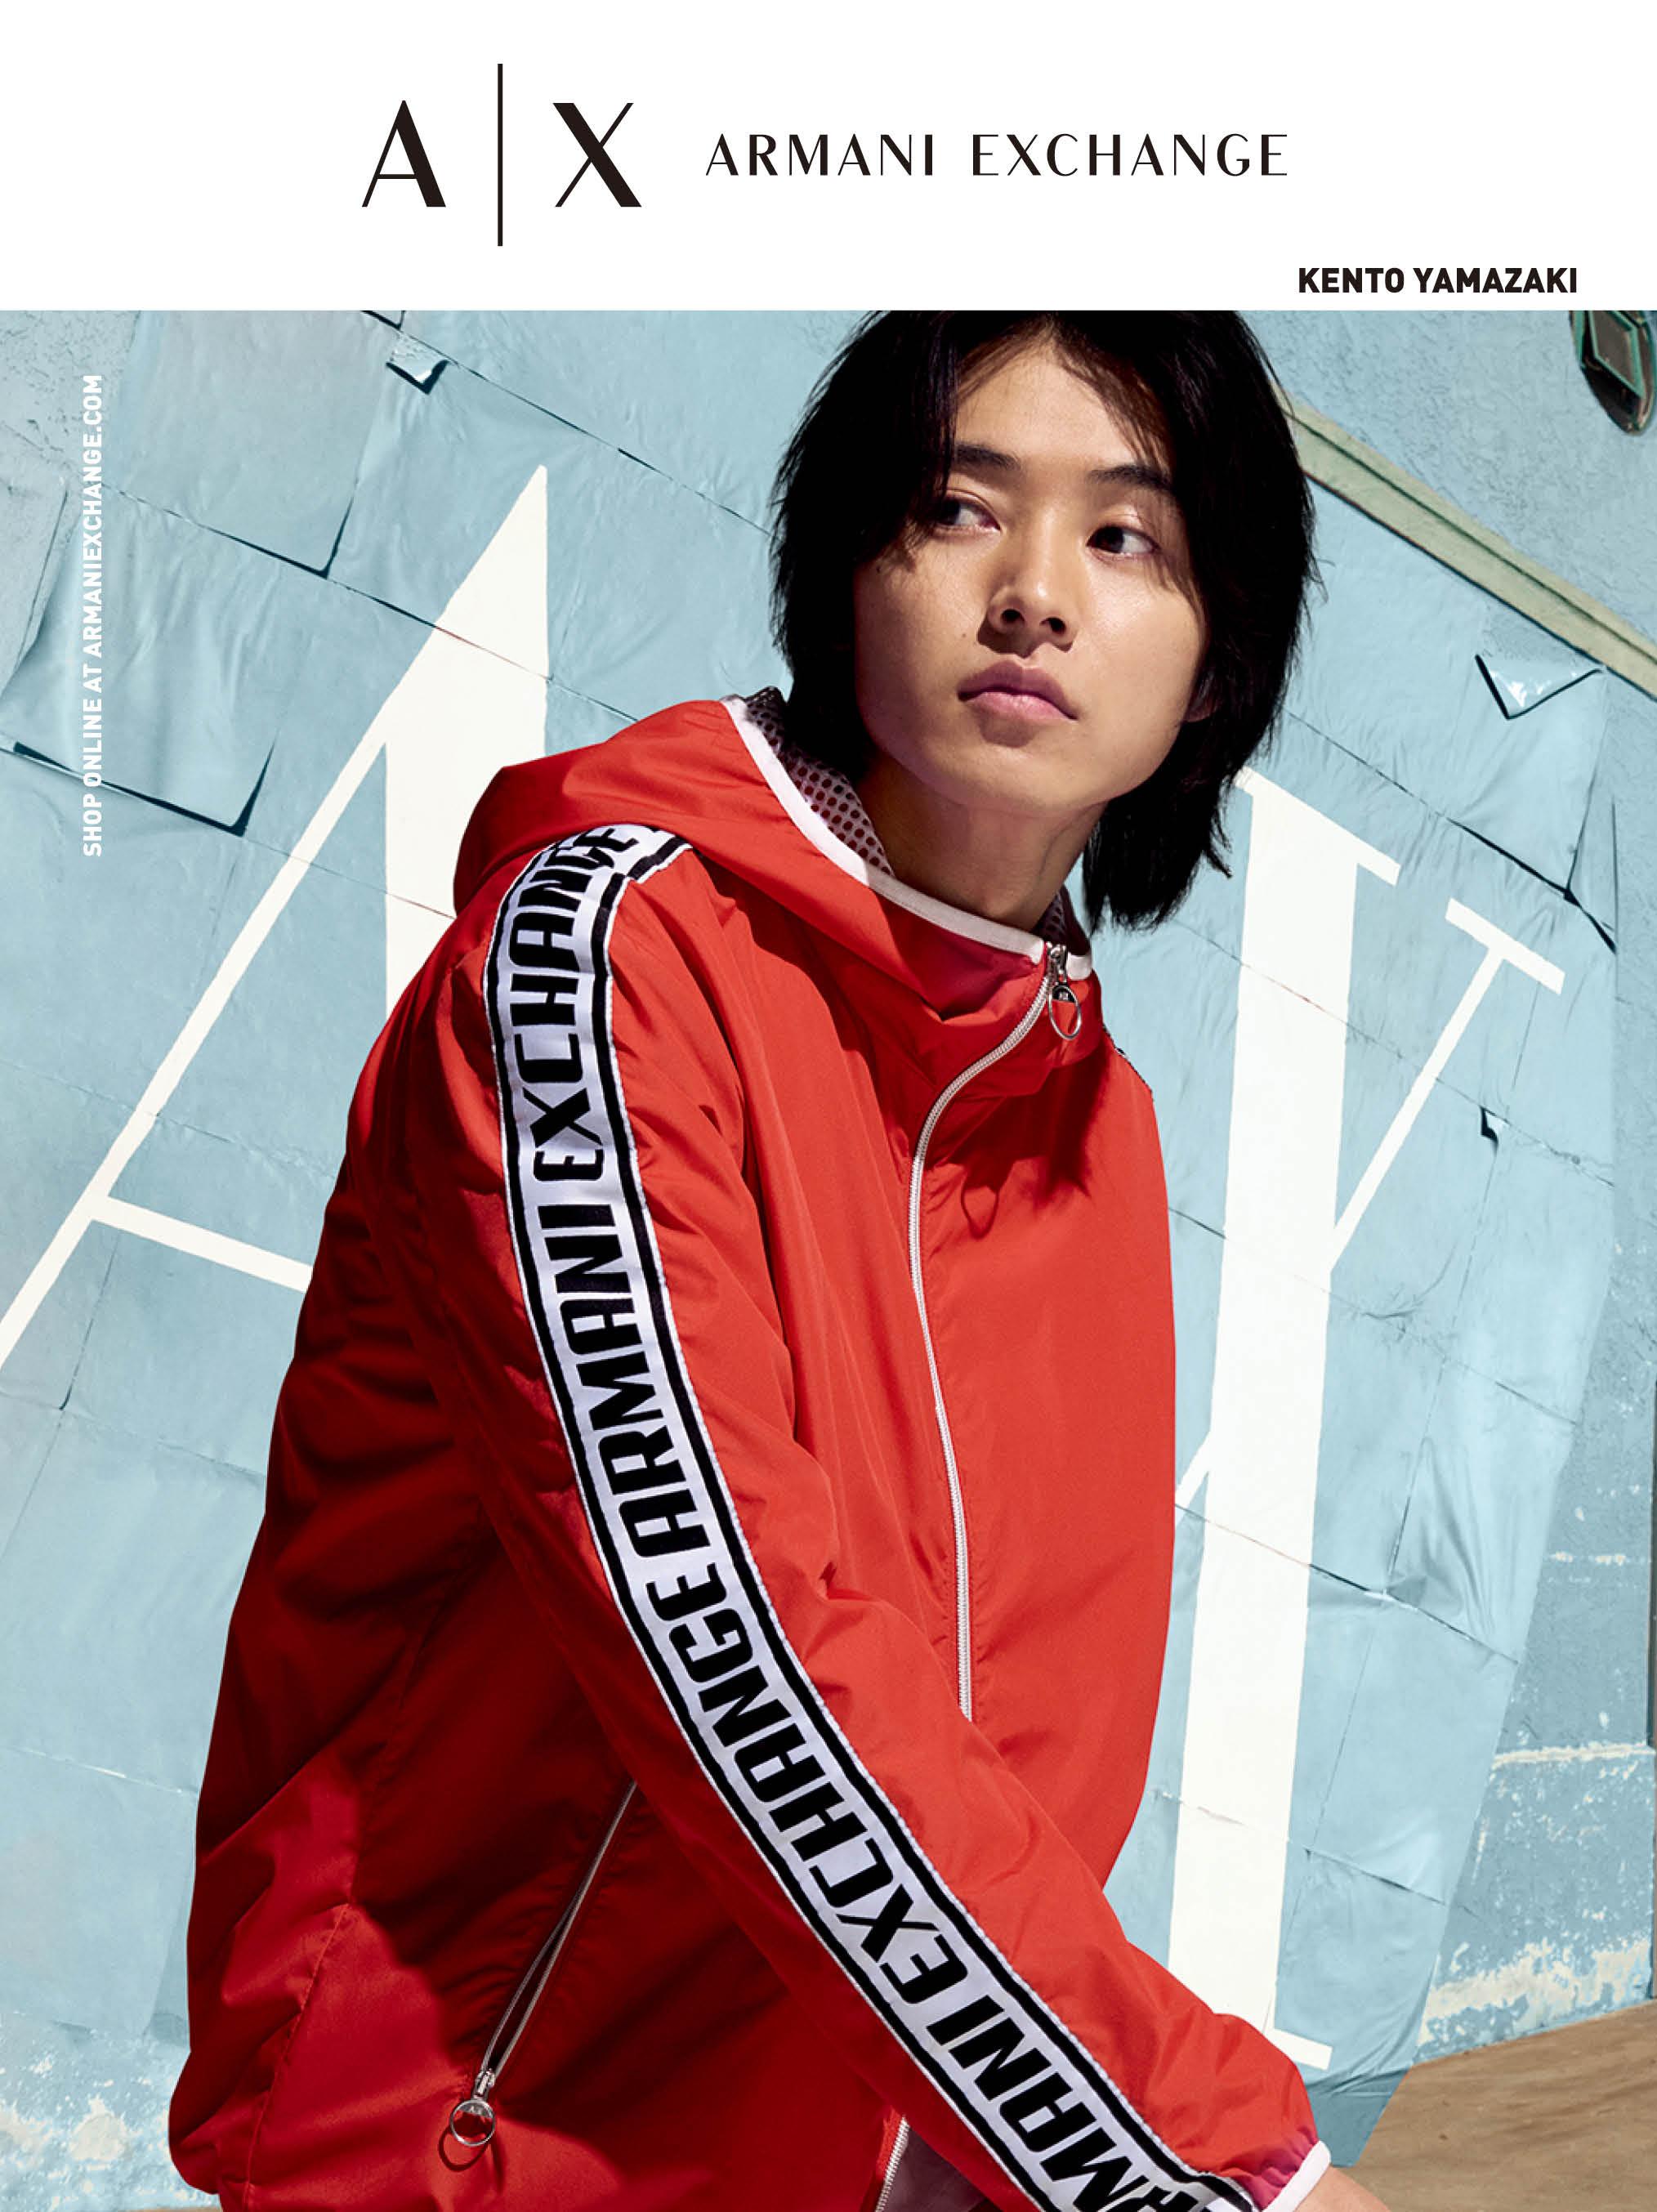 山﨑賢人さん『A|X アルマーニ エクスチェンジ』のキャンペーンモデルビジュアル PhotoGallery_1_1